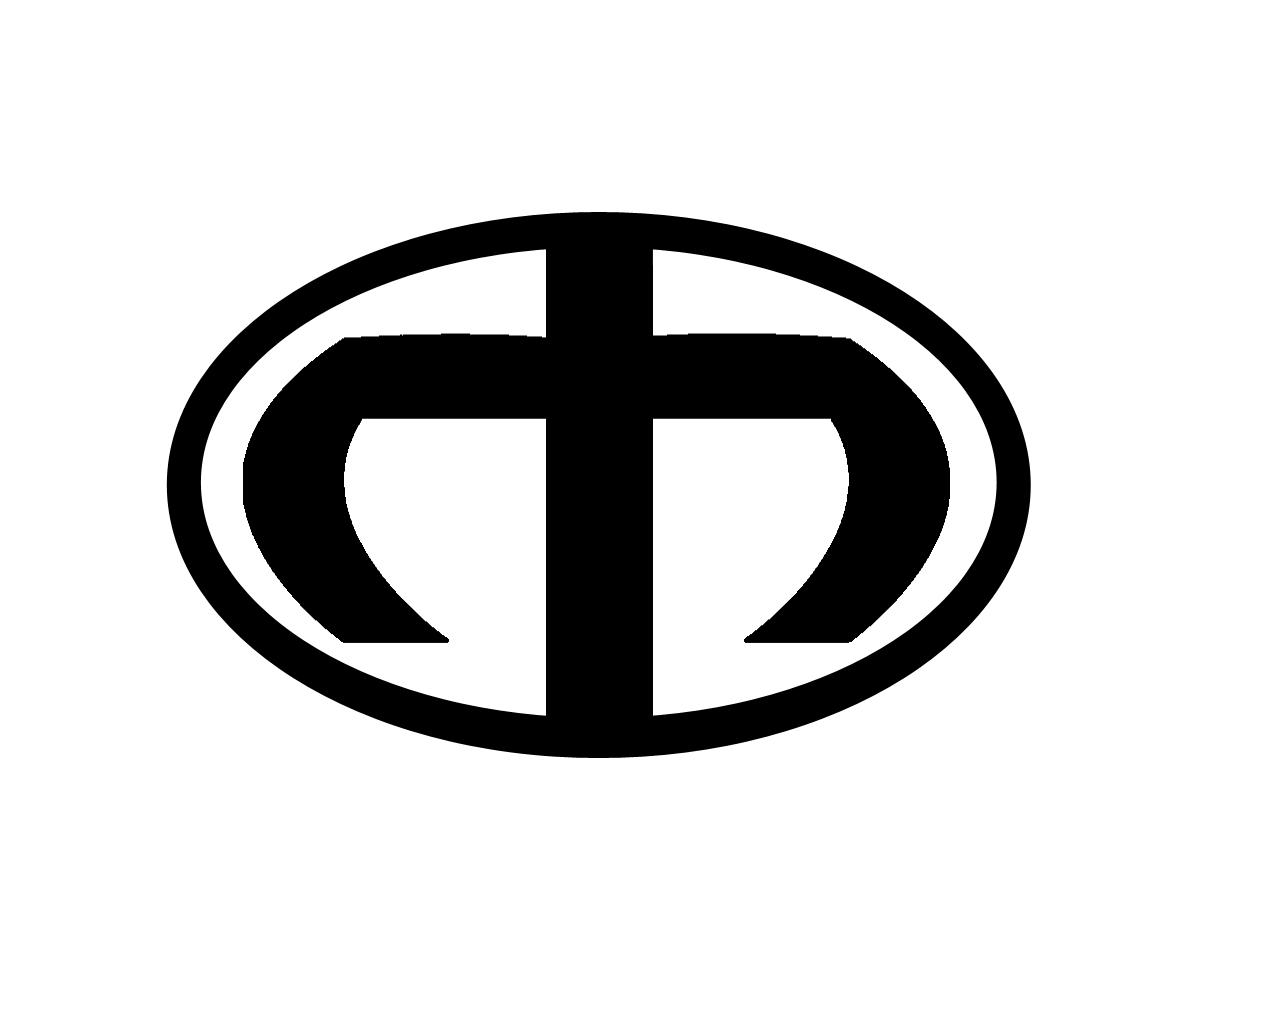 Tiburon Automotive - Euro Repar logo